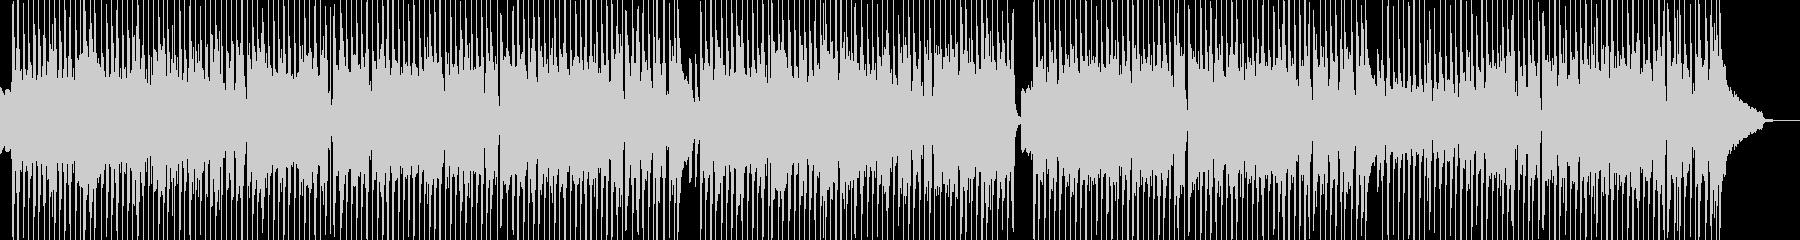 日常的・ほのぼの打楽器ポップス 長尺★の未再生の波形